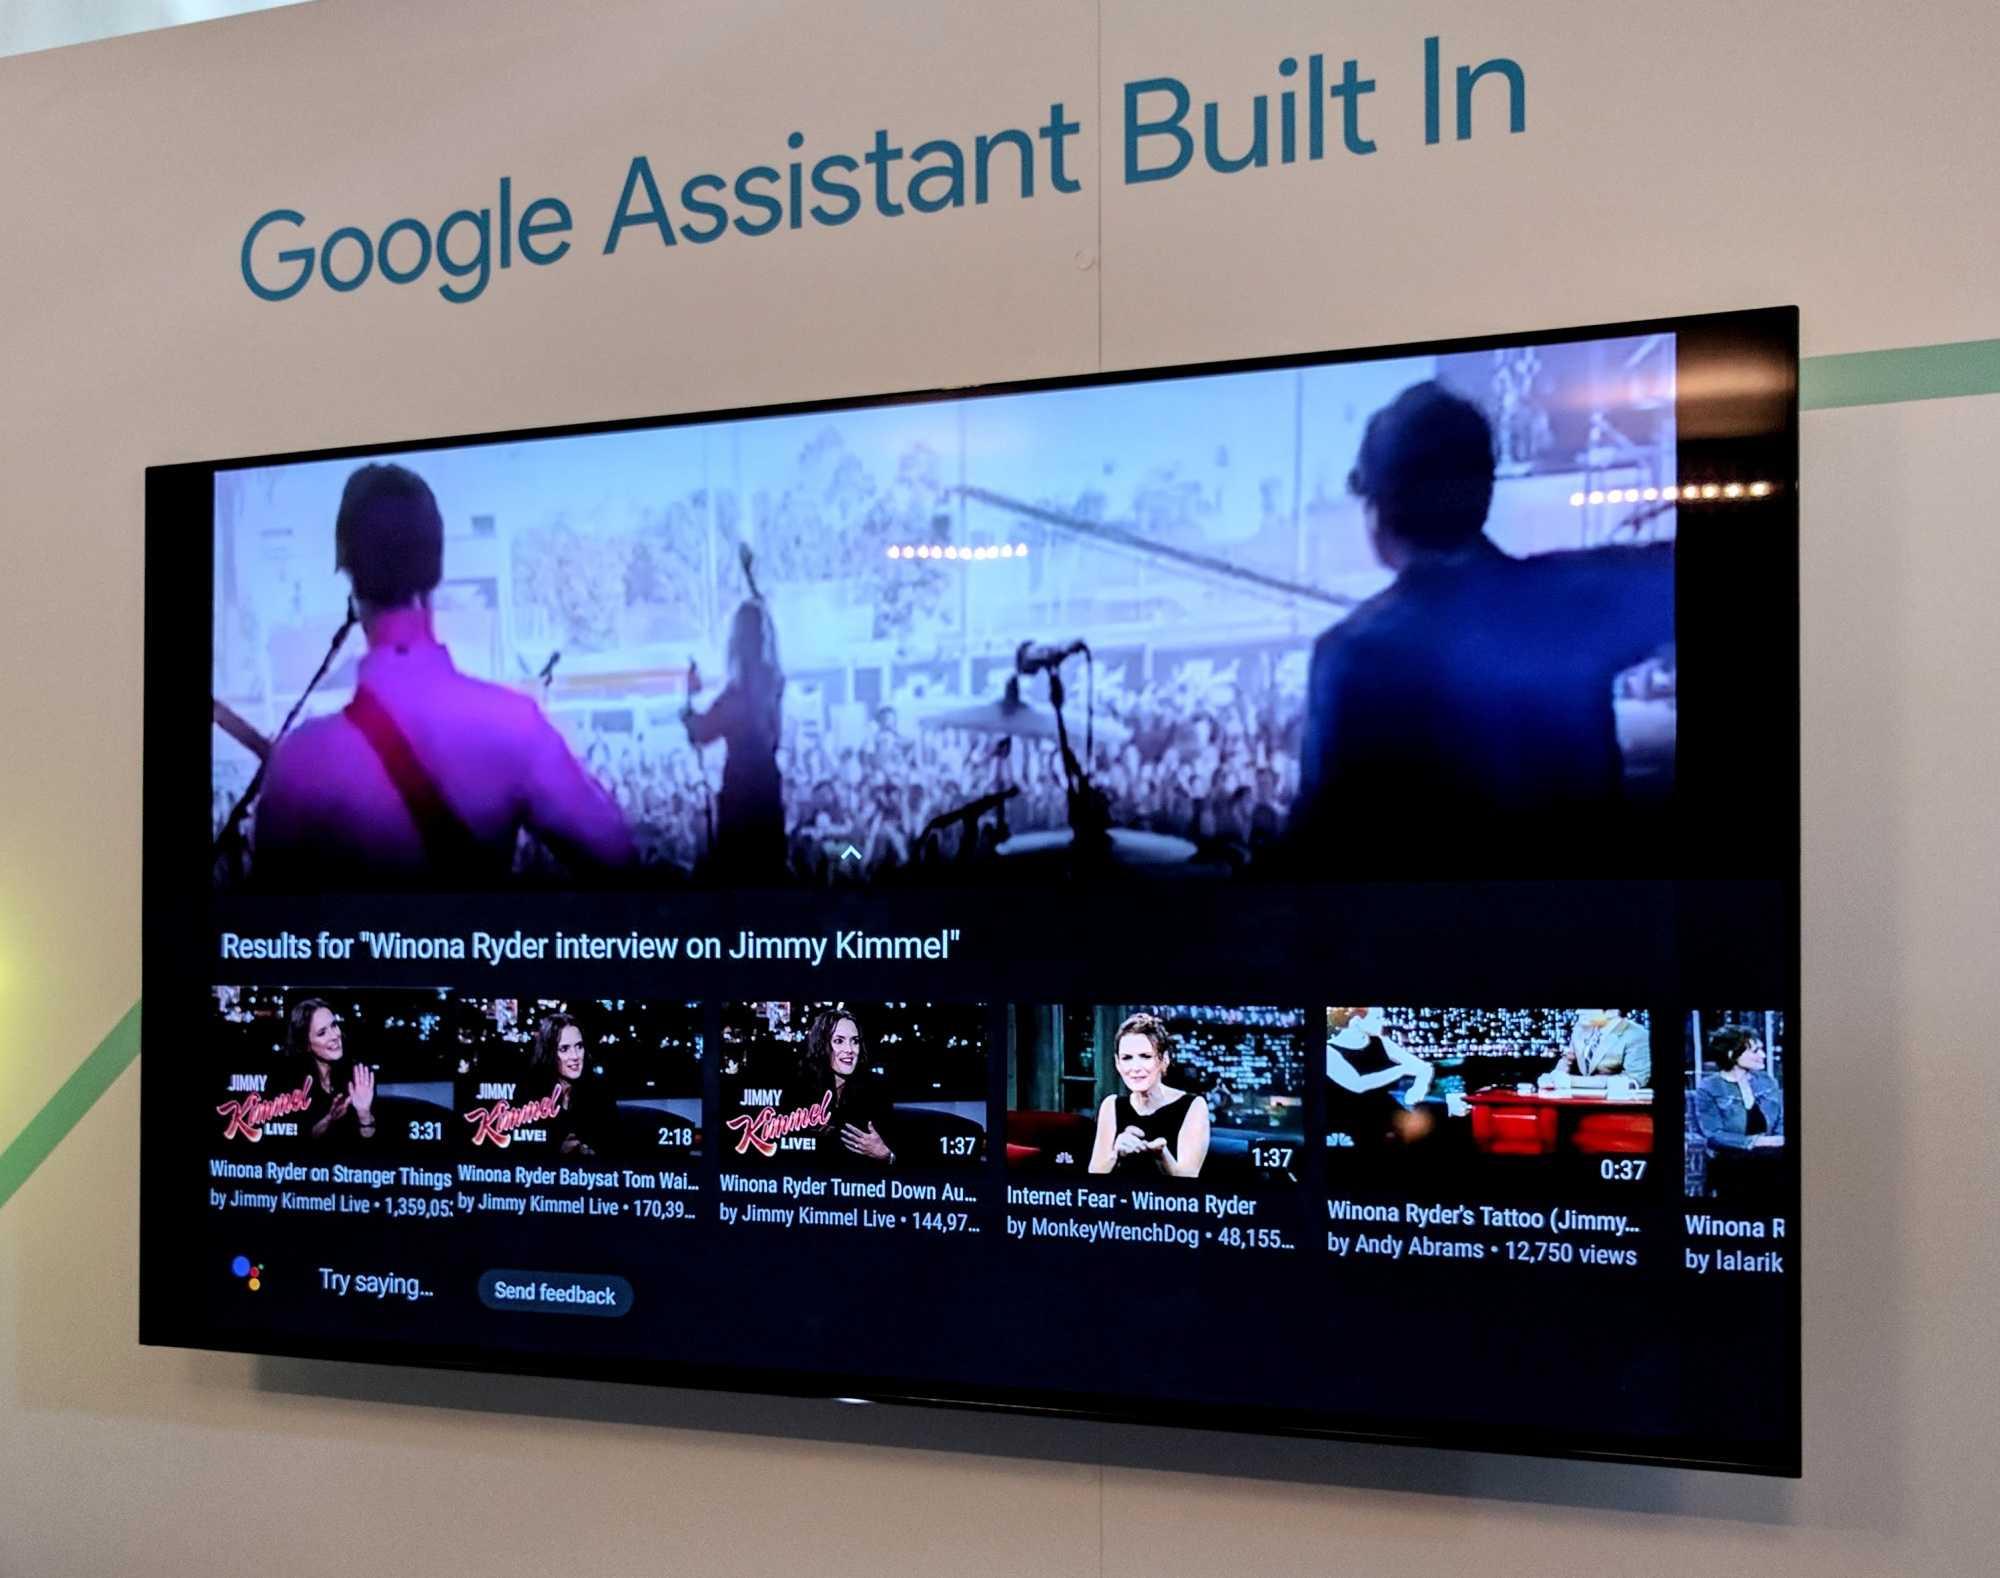 Der Assistant sucht unter anderem nach Inhalten, kann aber auch auf dem TV smarte Lampen steuern oder eine Wettervorhersage auf dem TV einblenden.